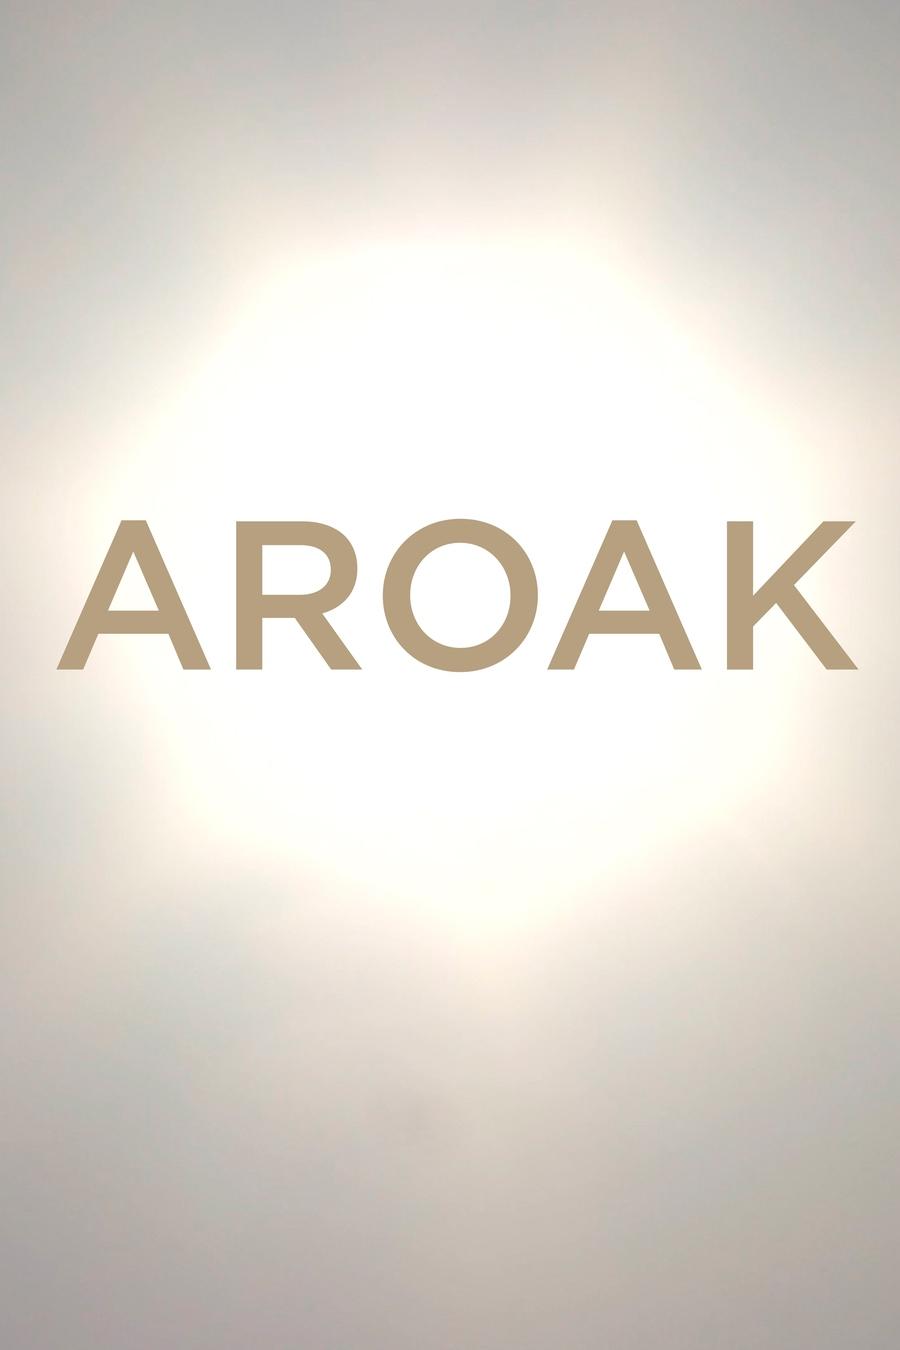 Aroak